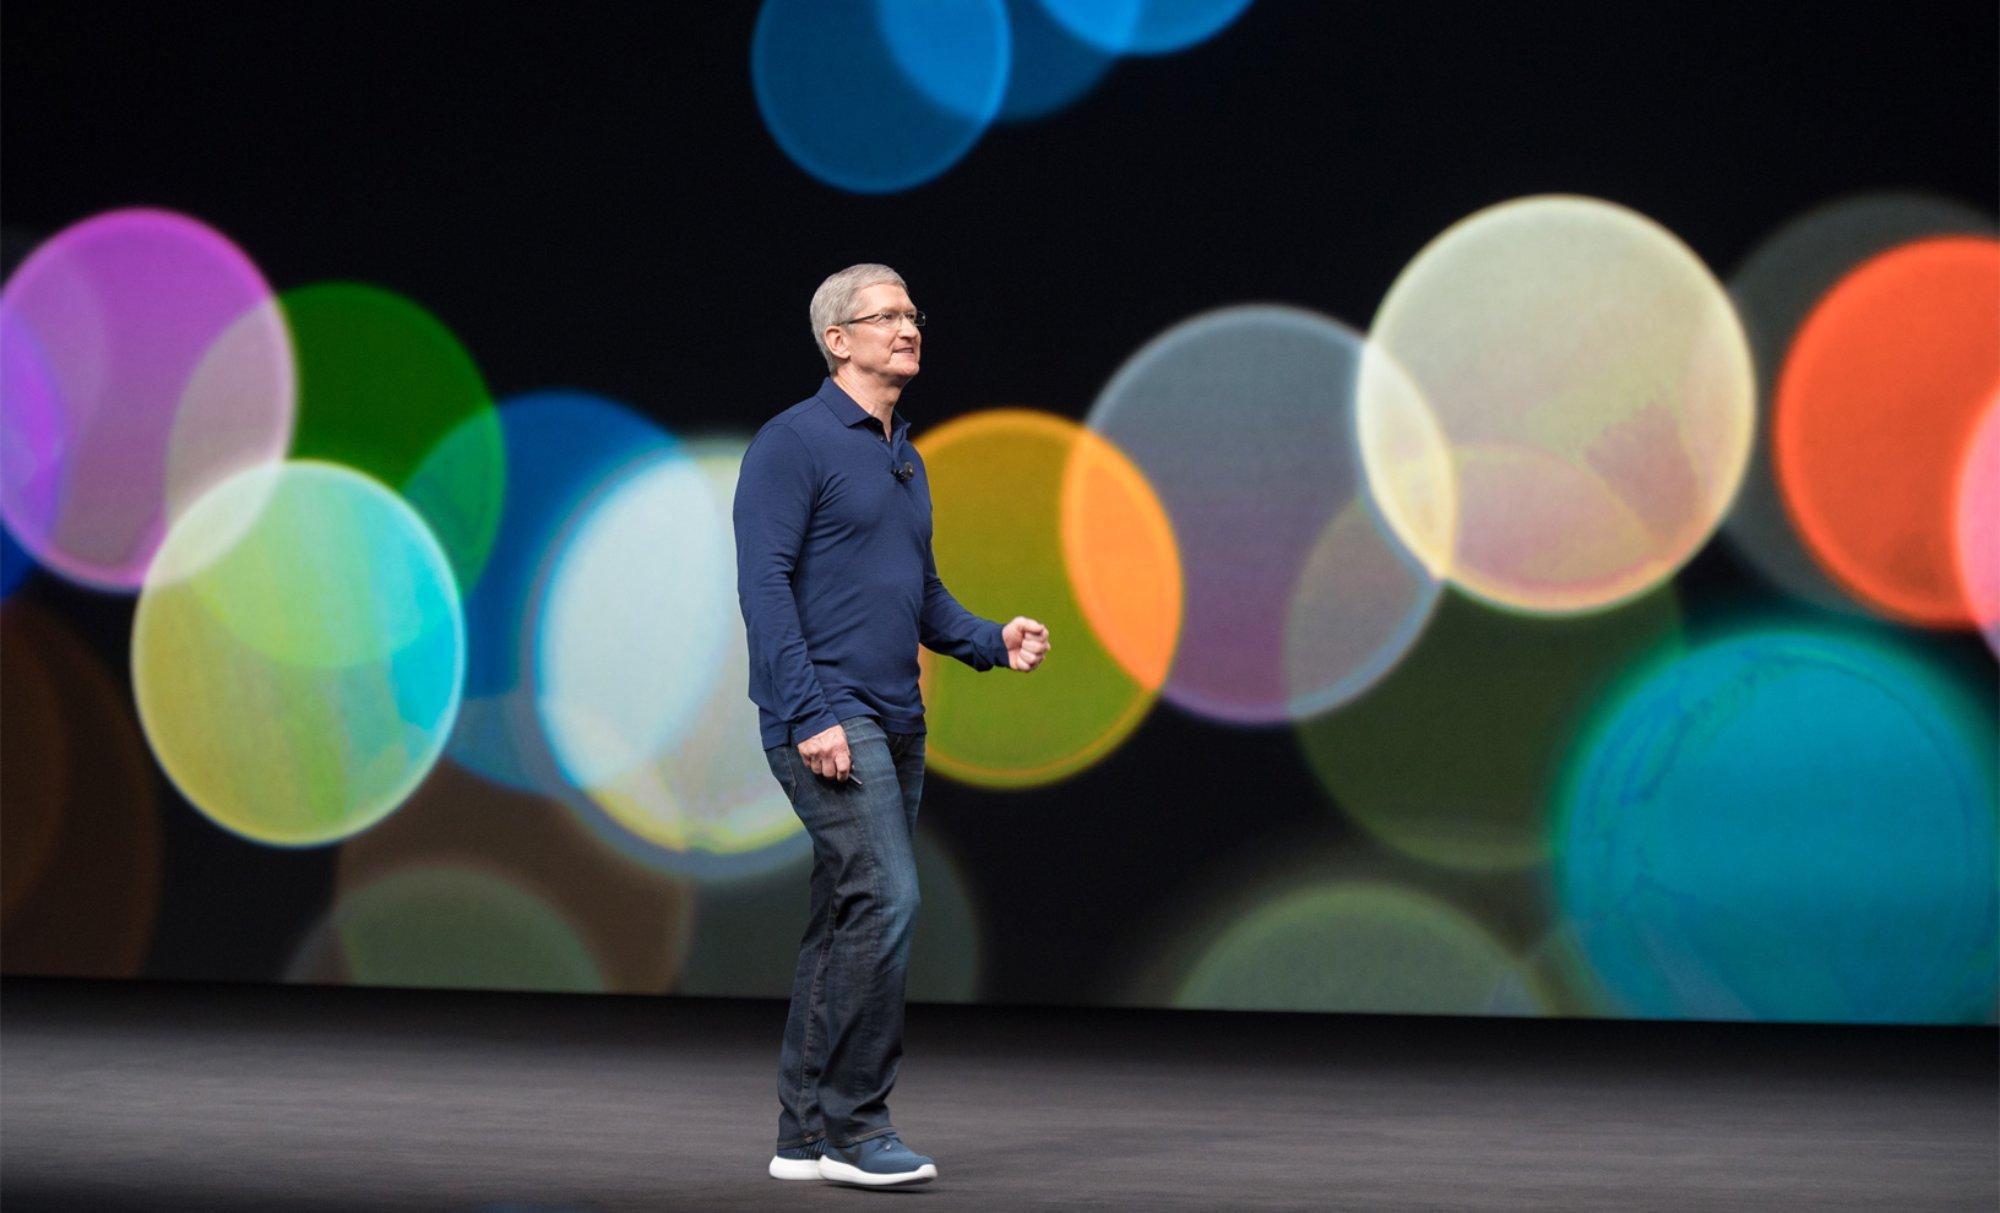 آیفون 2017: مدیرعامل اپل مدعیست که محصولات آنها تنها برای قشر غنی ساخته نشده است